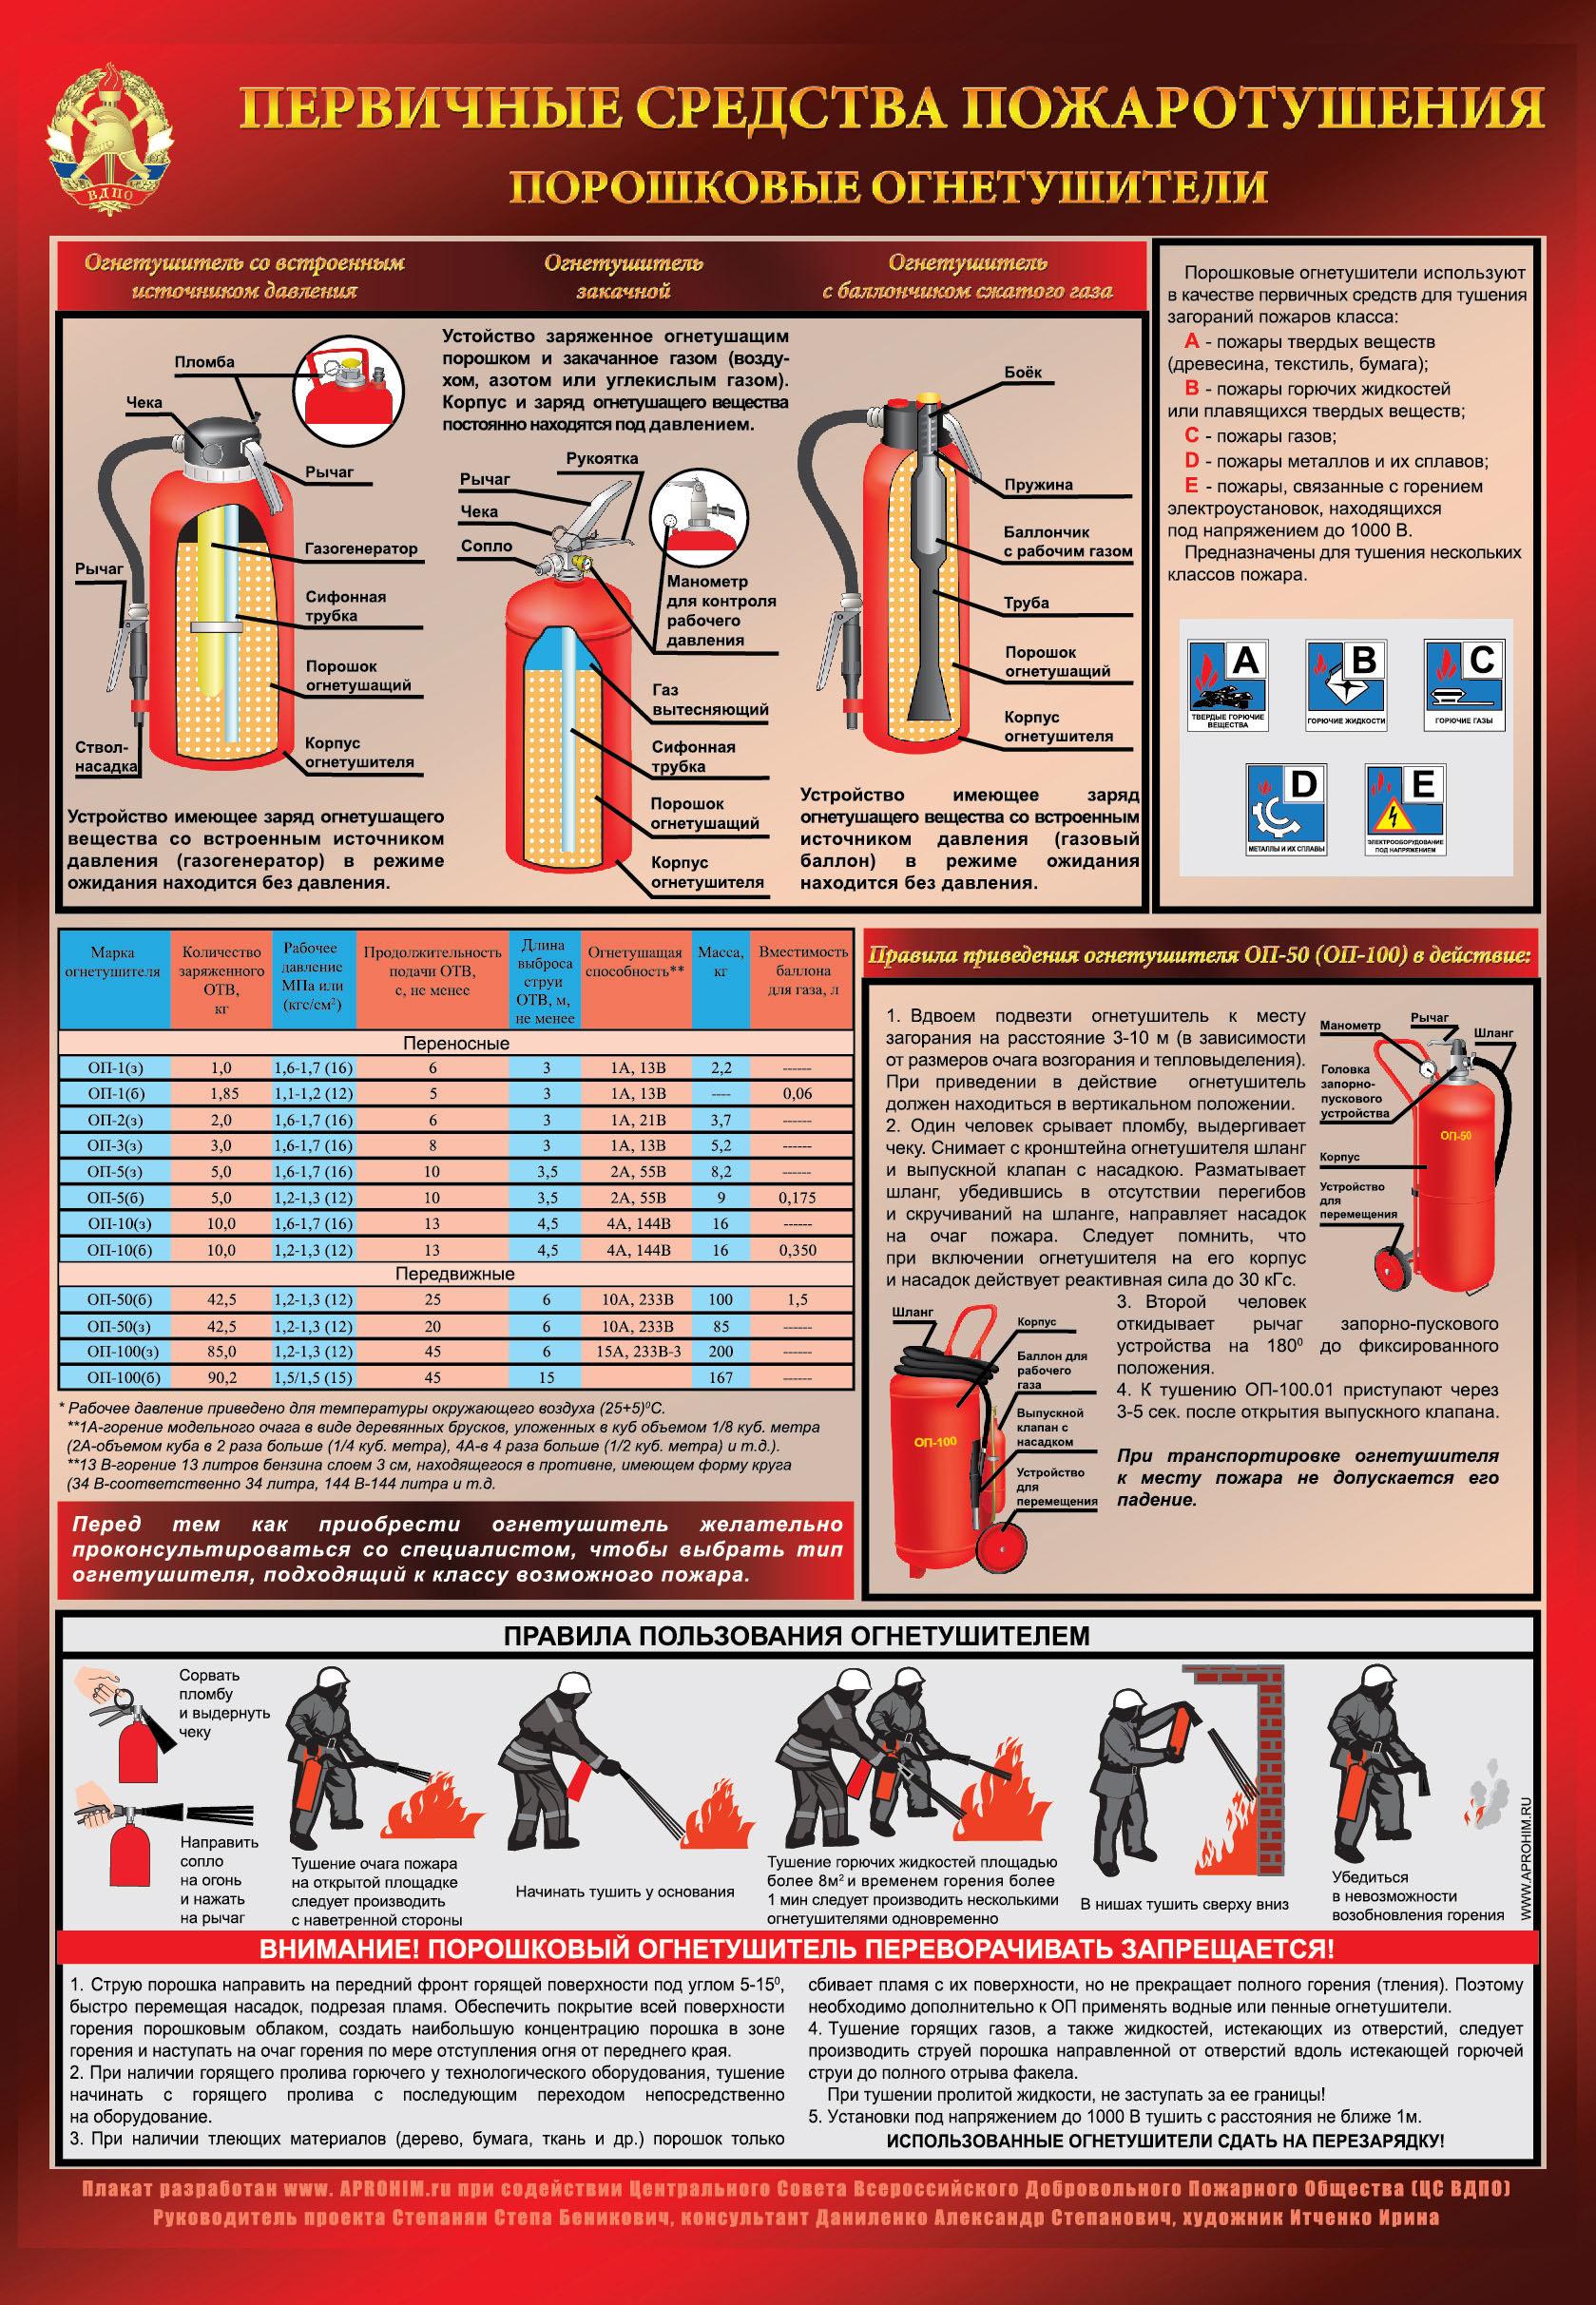 инструкции по пожарной безопасности для сельскохозяйственных организаций